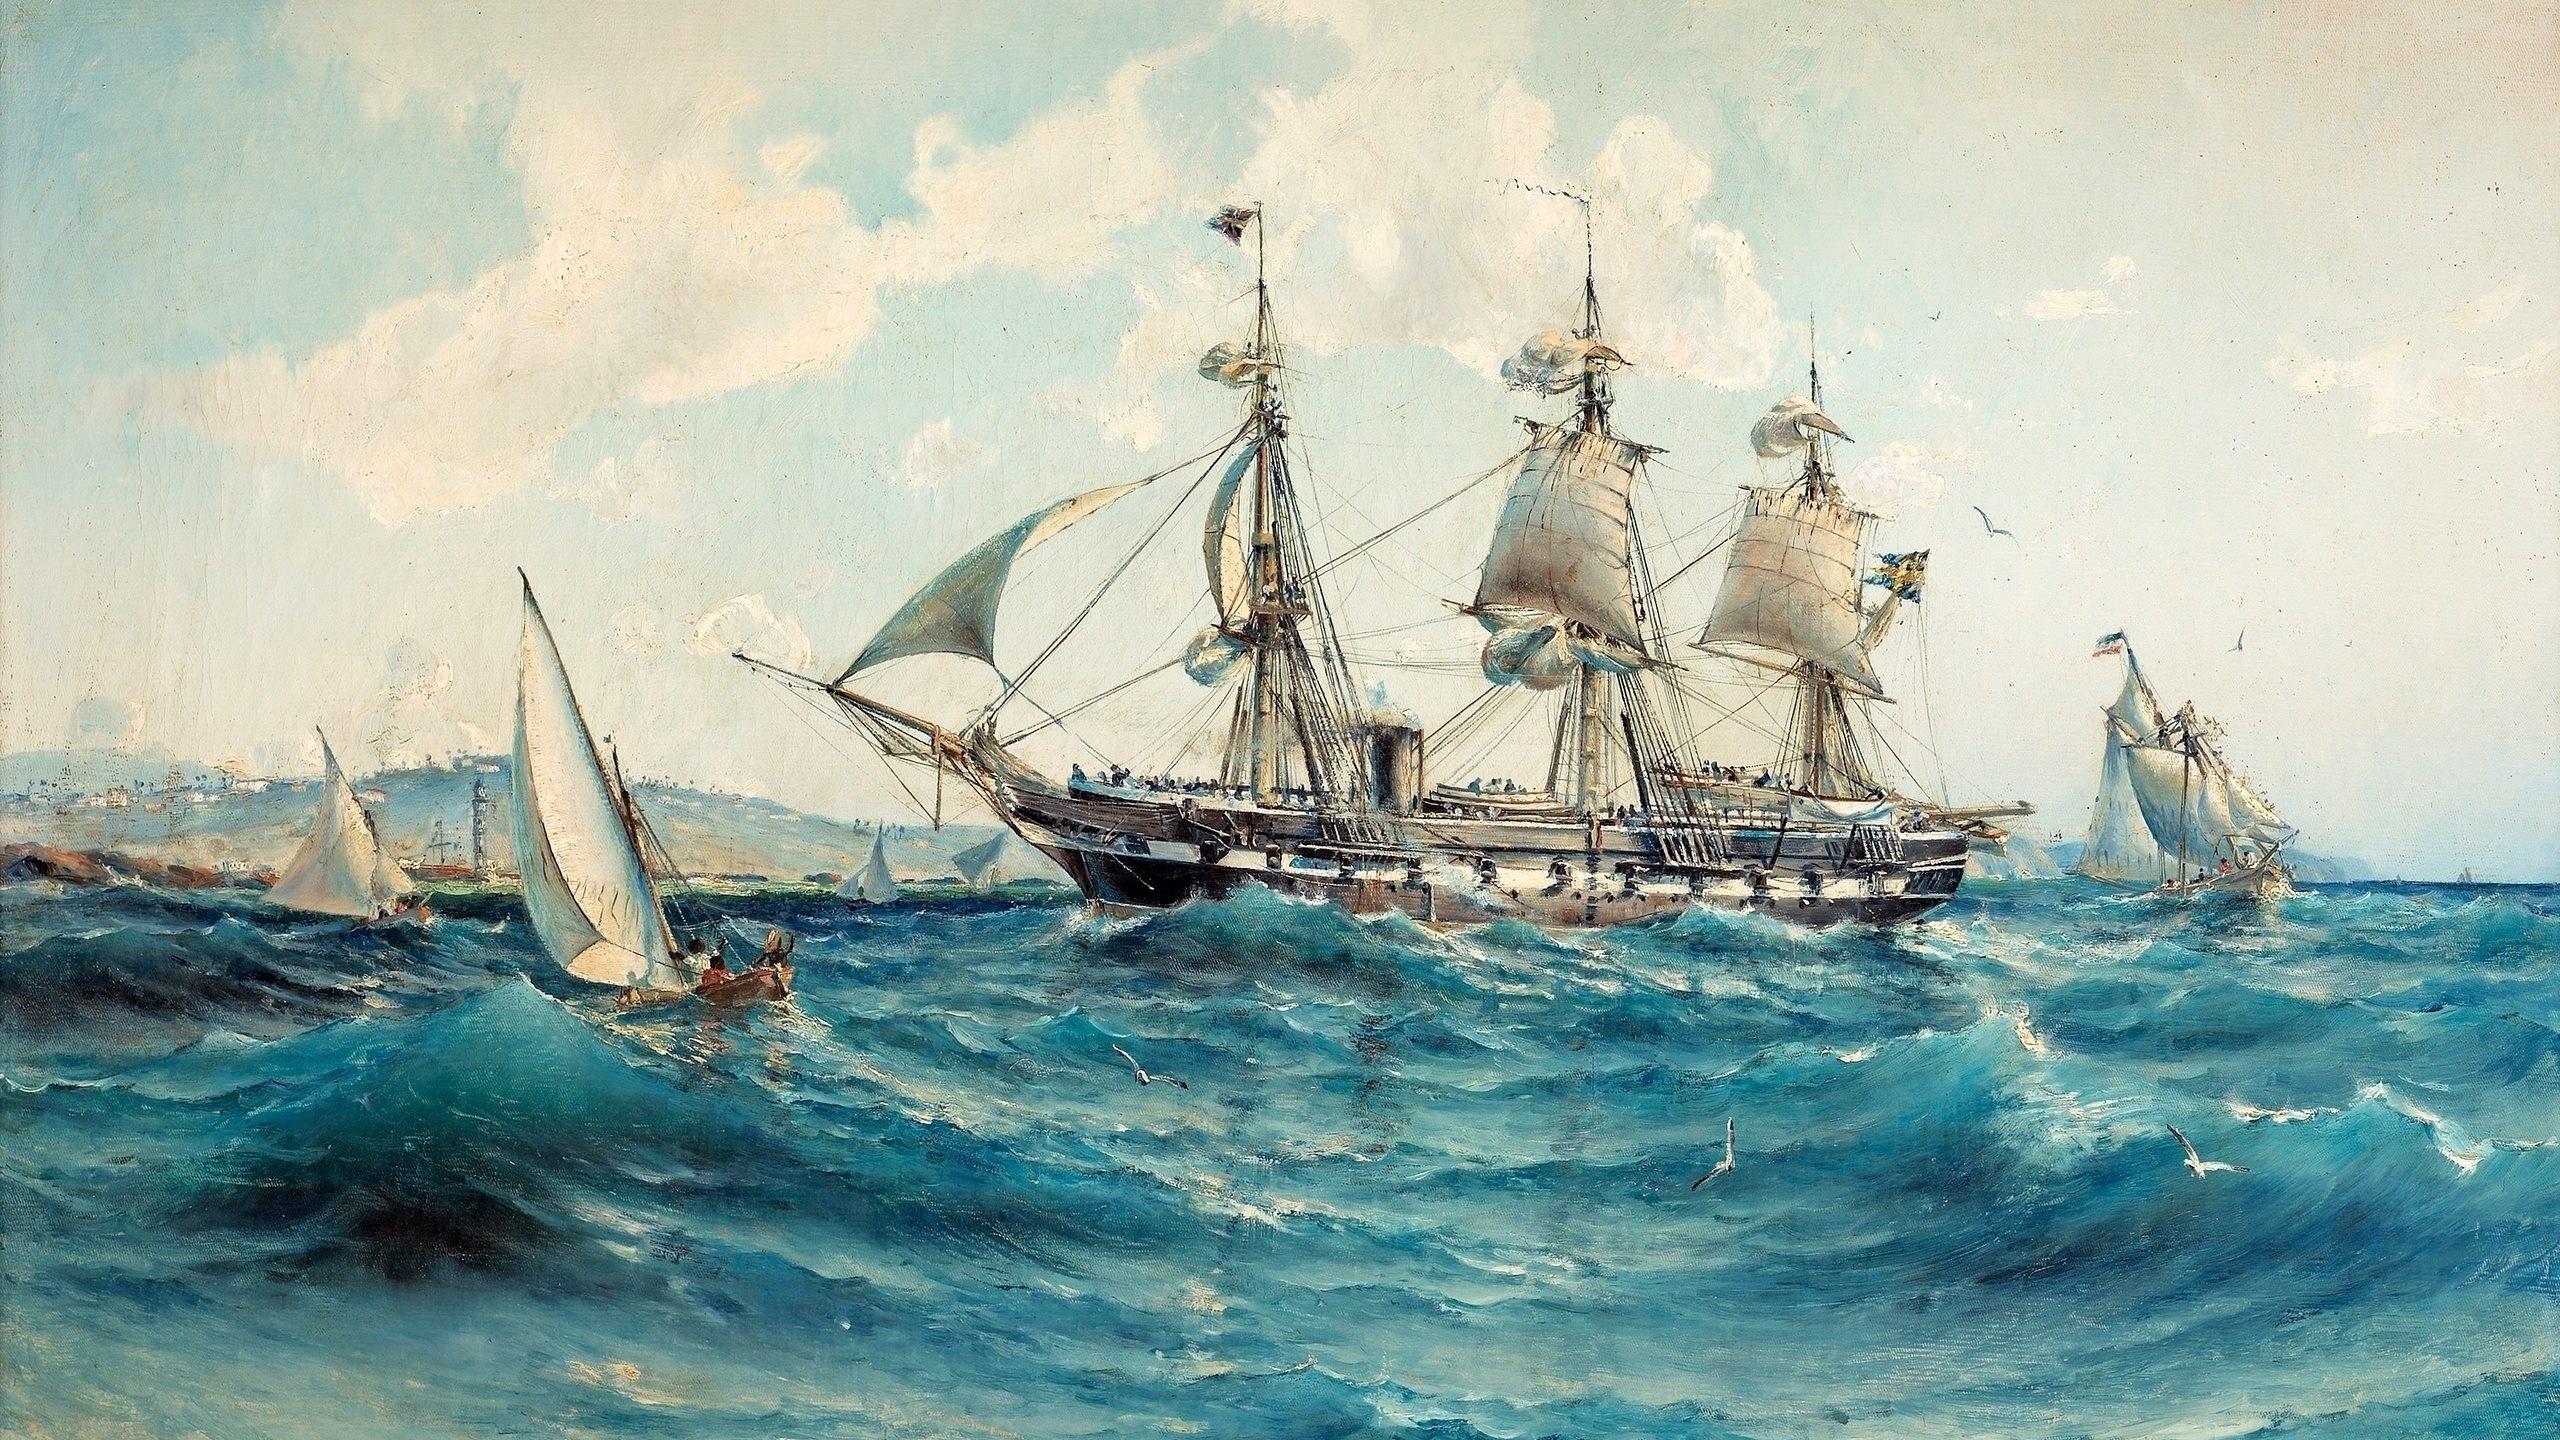 приготовления гороховой картинки на морскую тематику с кораблем фотоаппарата отличается ремонта